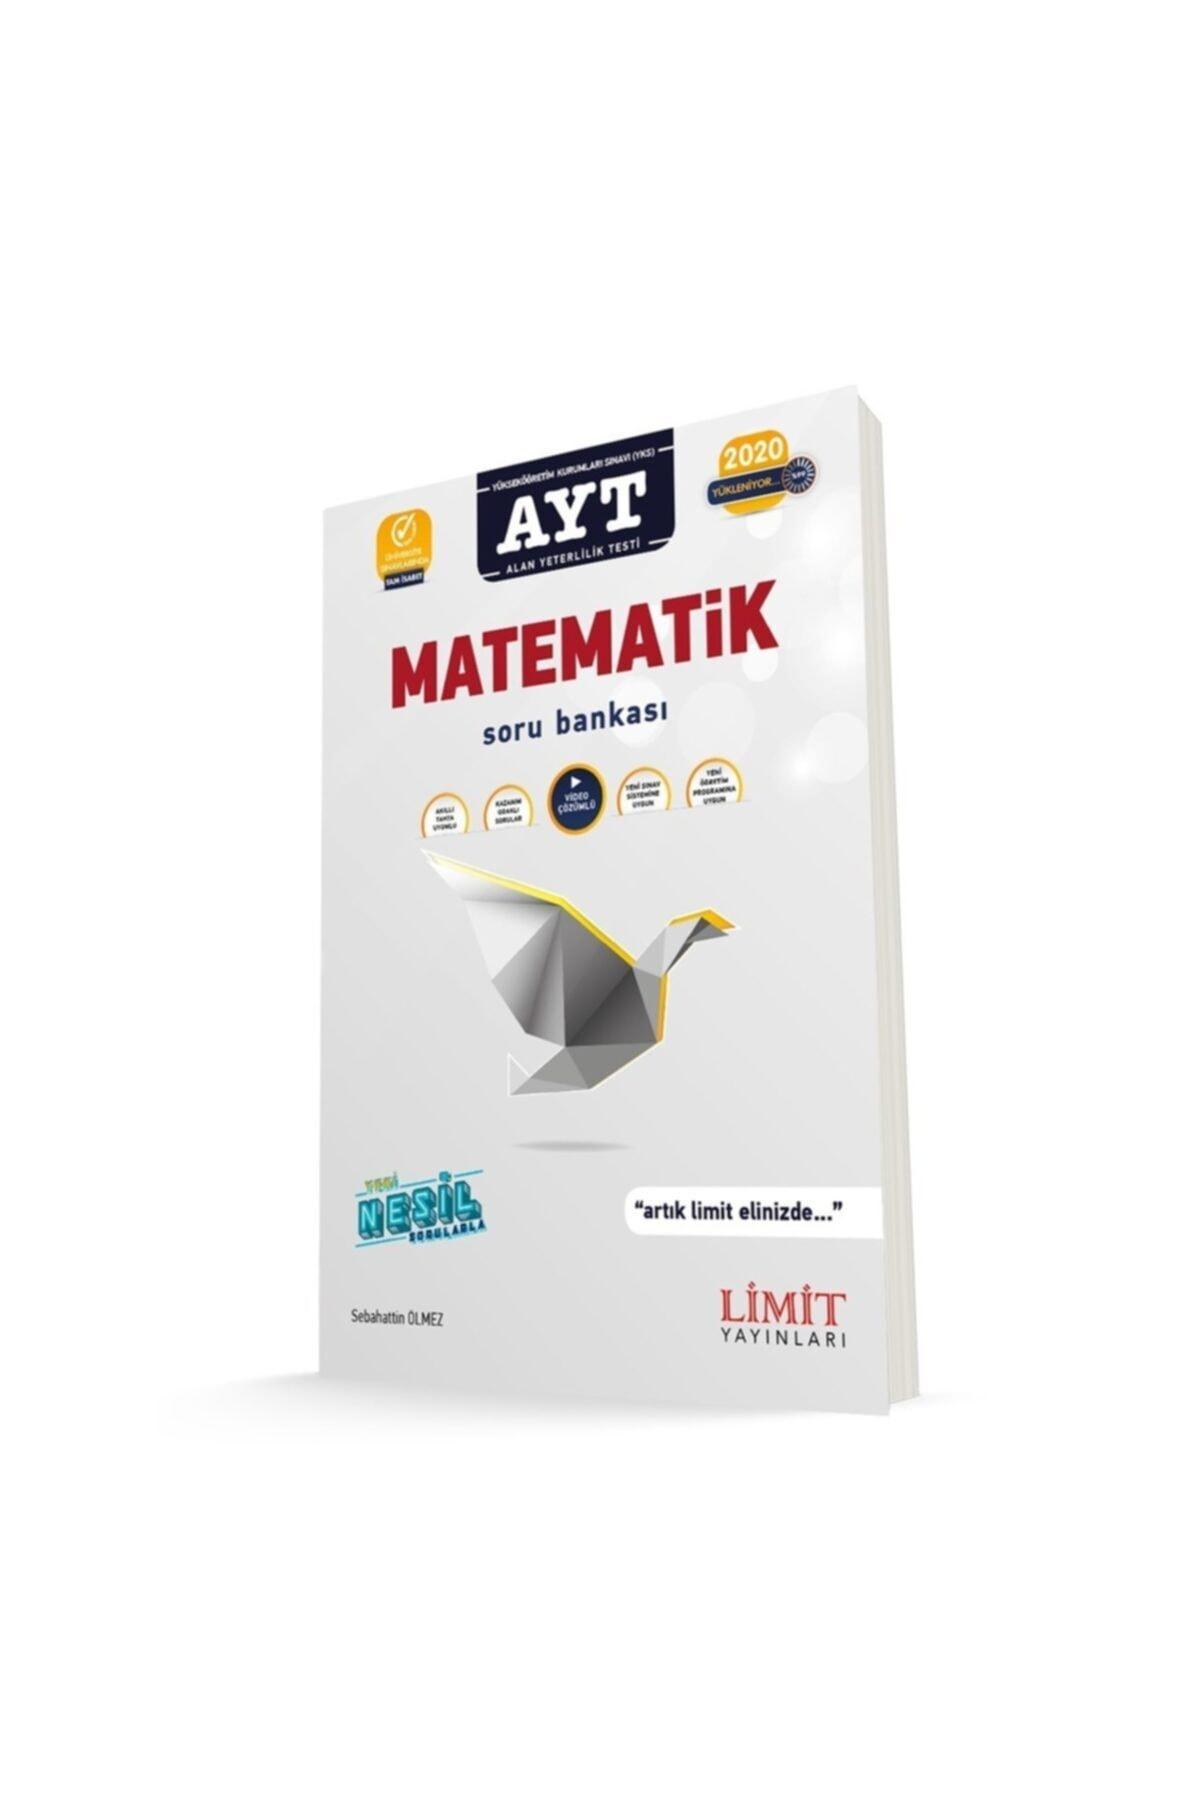 Ayt Matematik Soru Bankası 2020